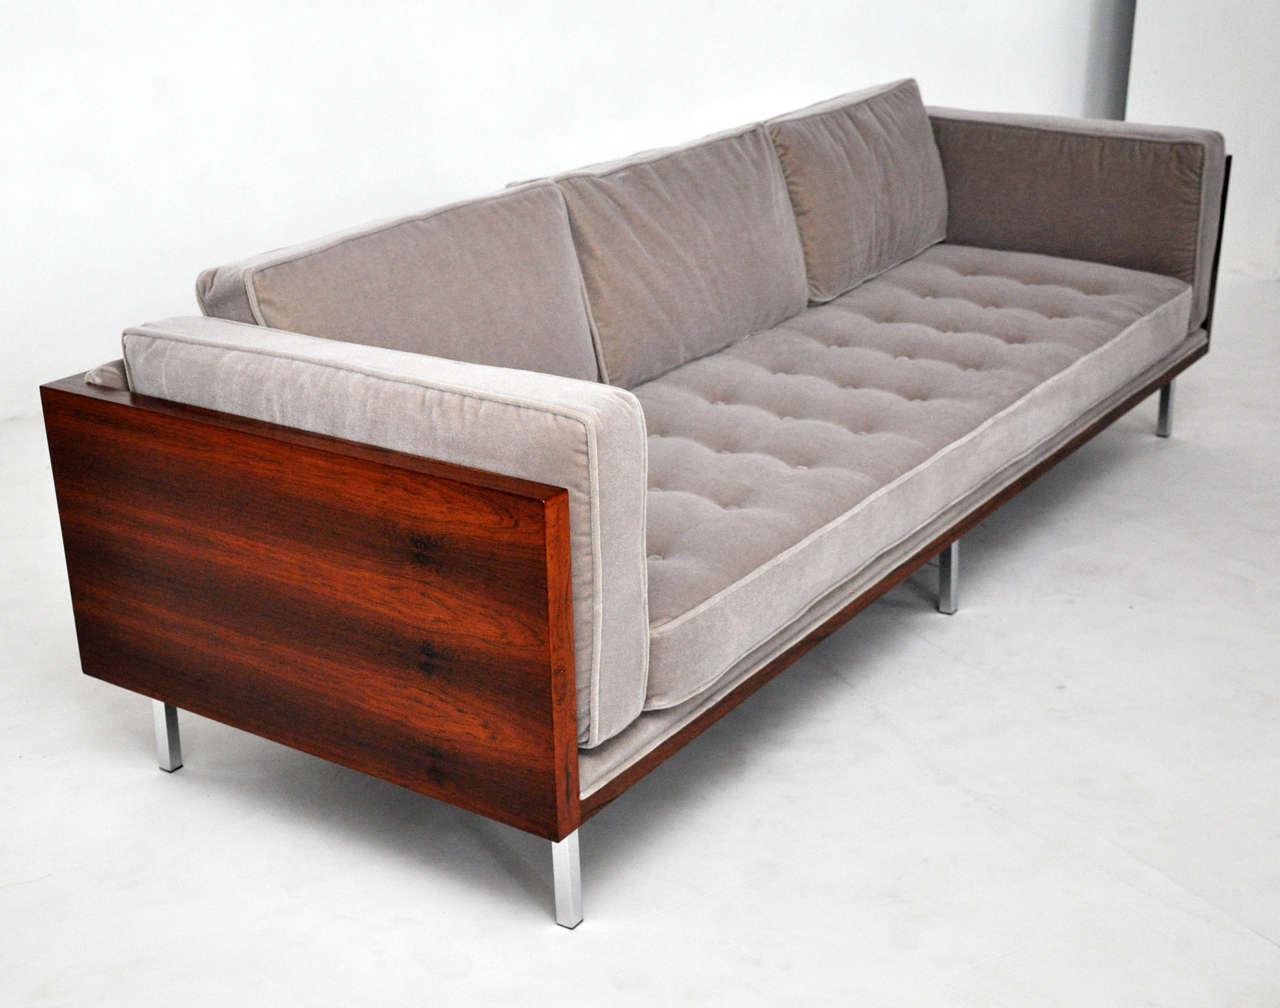 Milo Baughman Rosewood Case Sofa at 1stdibs